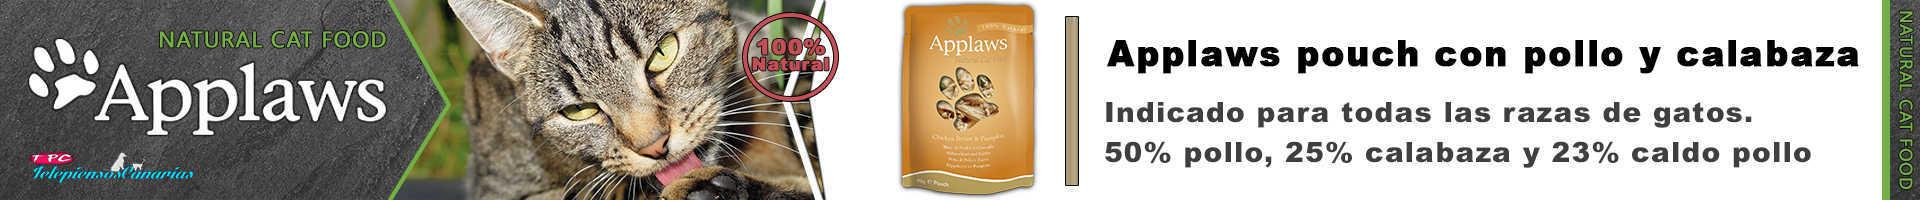 Applaws pouch con caldo de pollo y calabaza